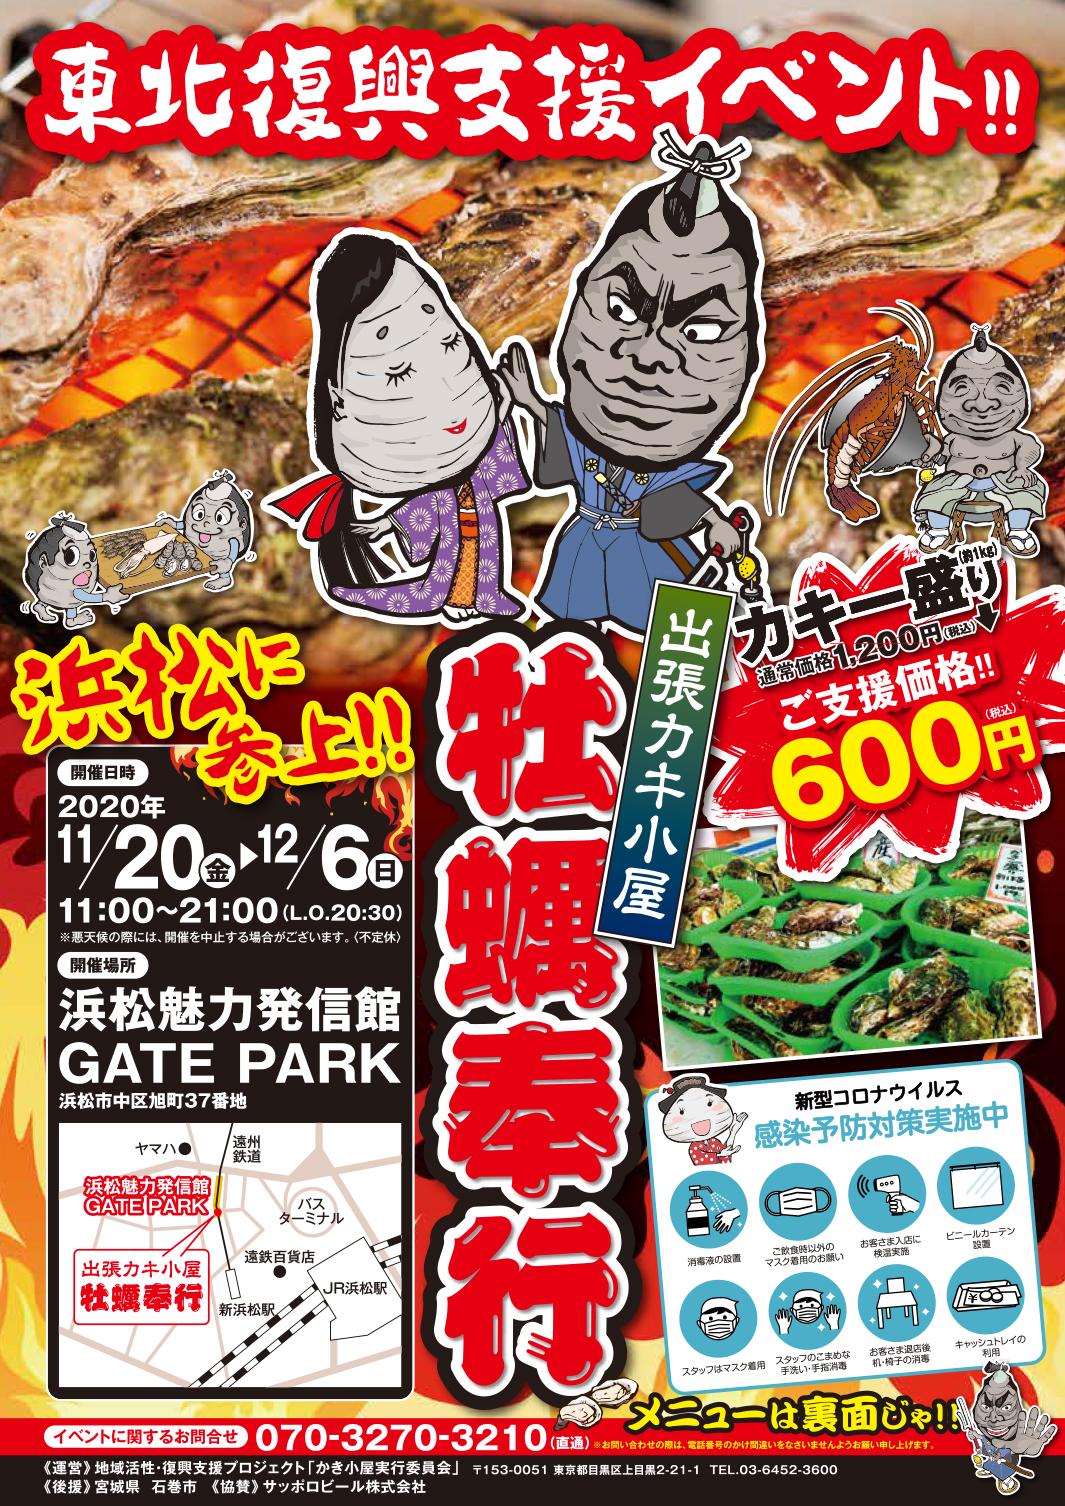 出張カキ小屋「牡蠣奉行」in 浜松魅力発信館 GATE PARK 2020年11月20日~12月6日開催